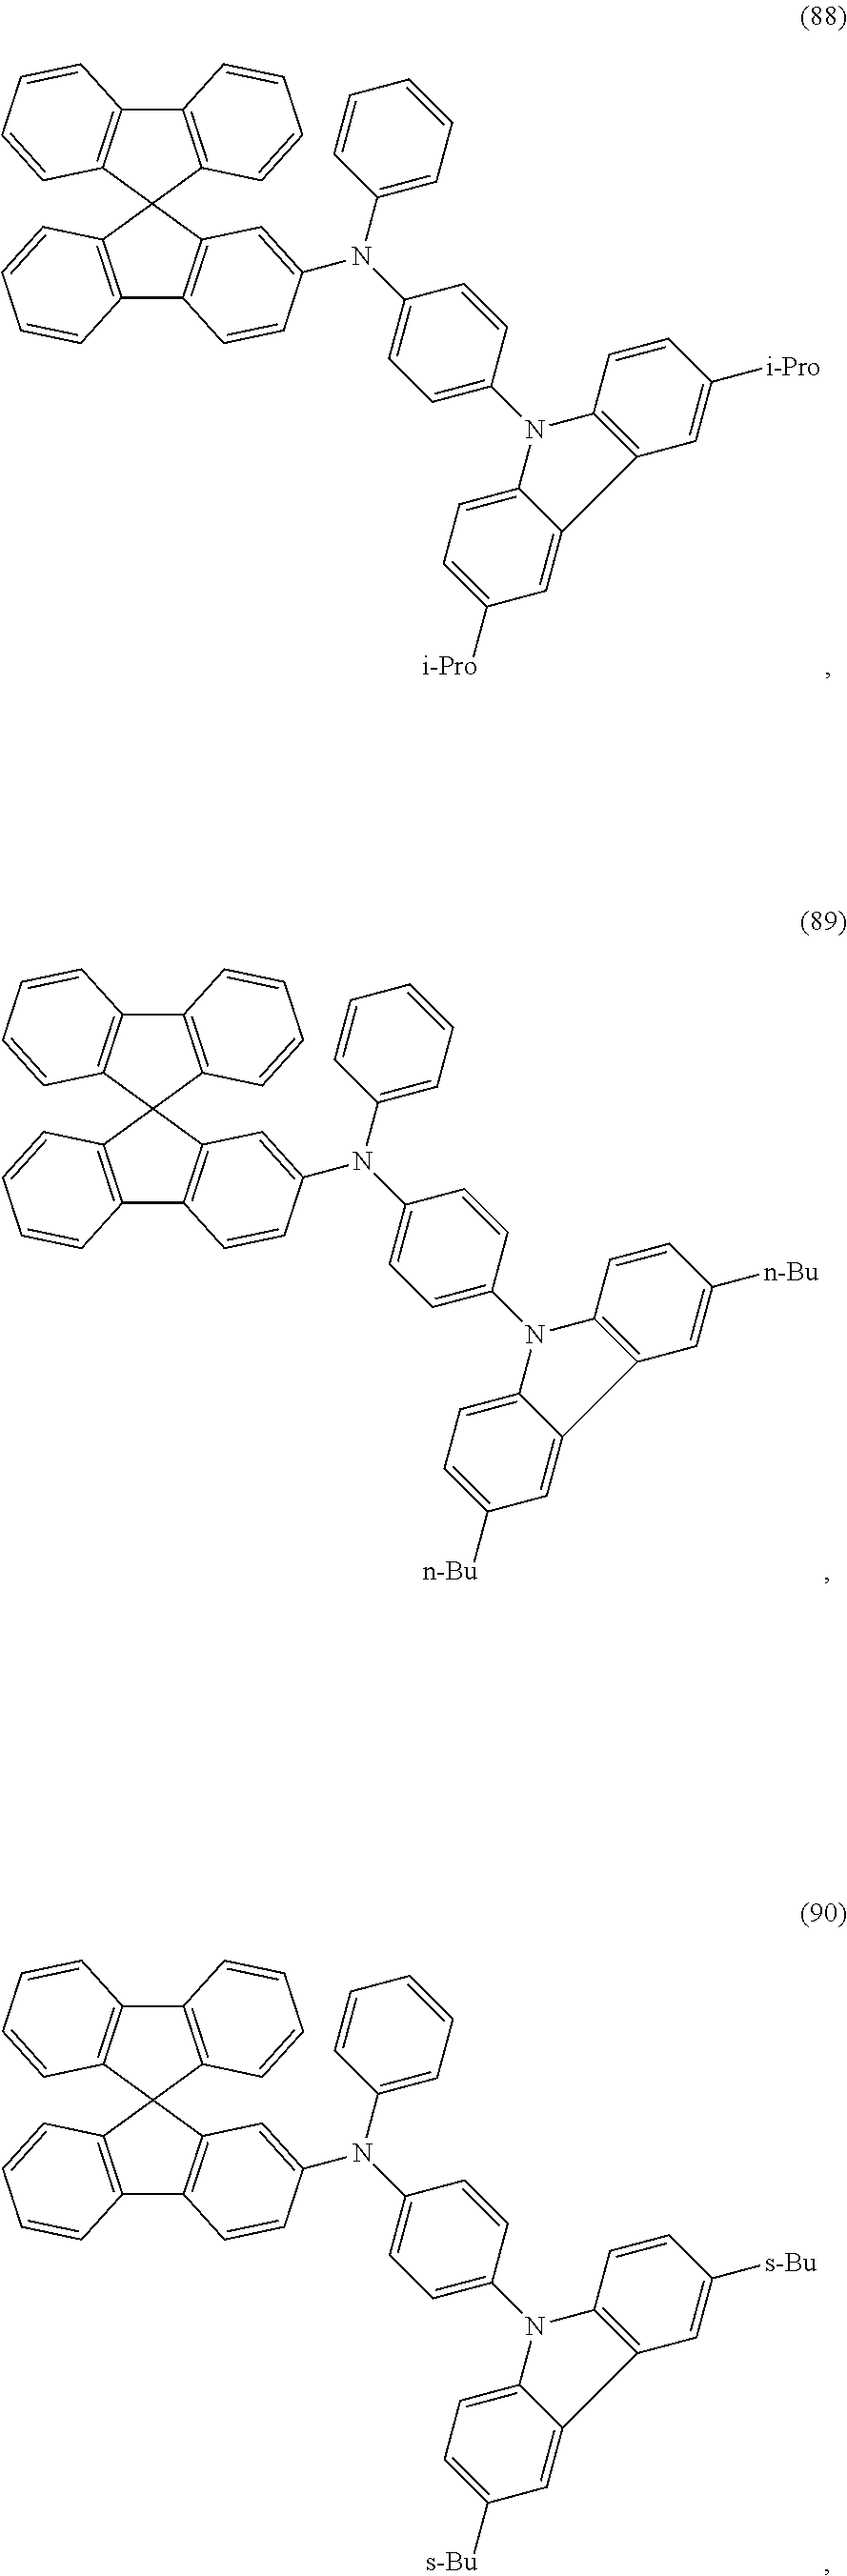 Figure US09548457-20170117-C00067